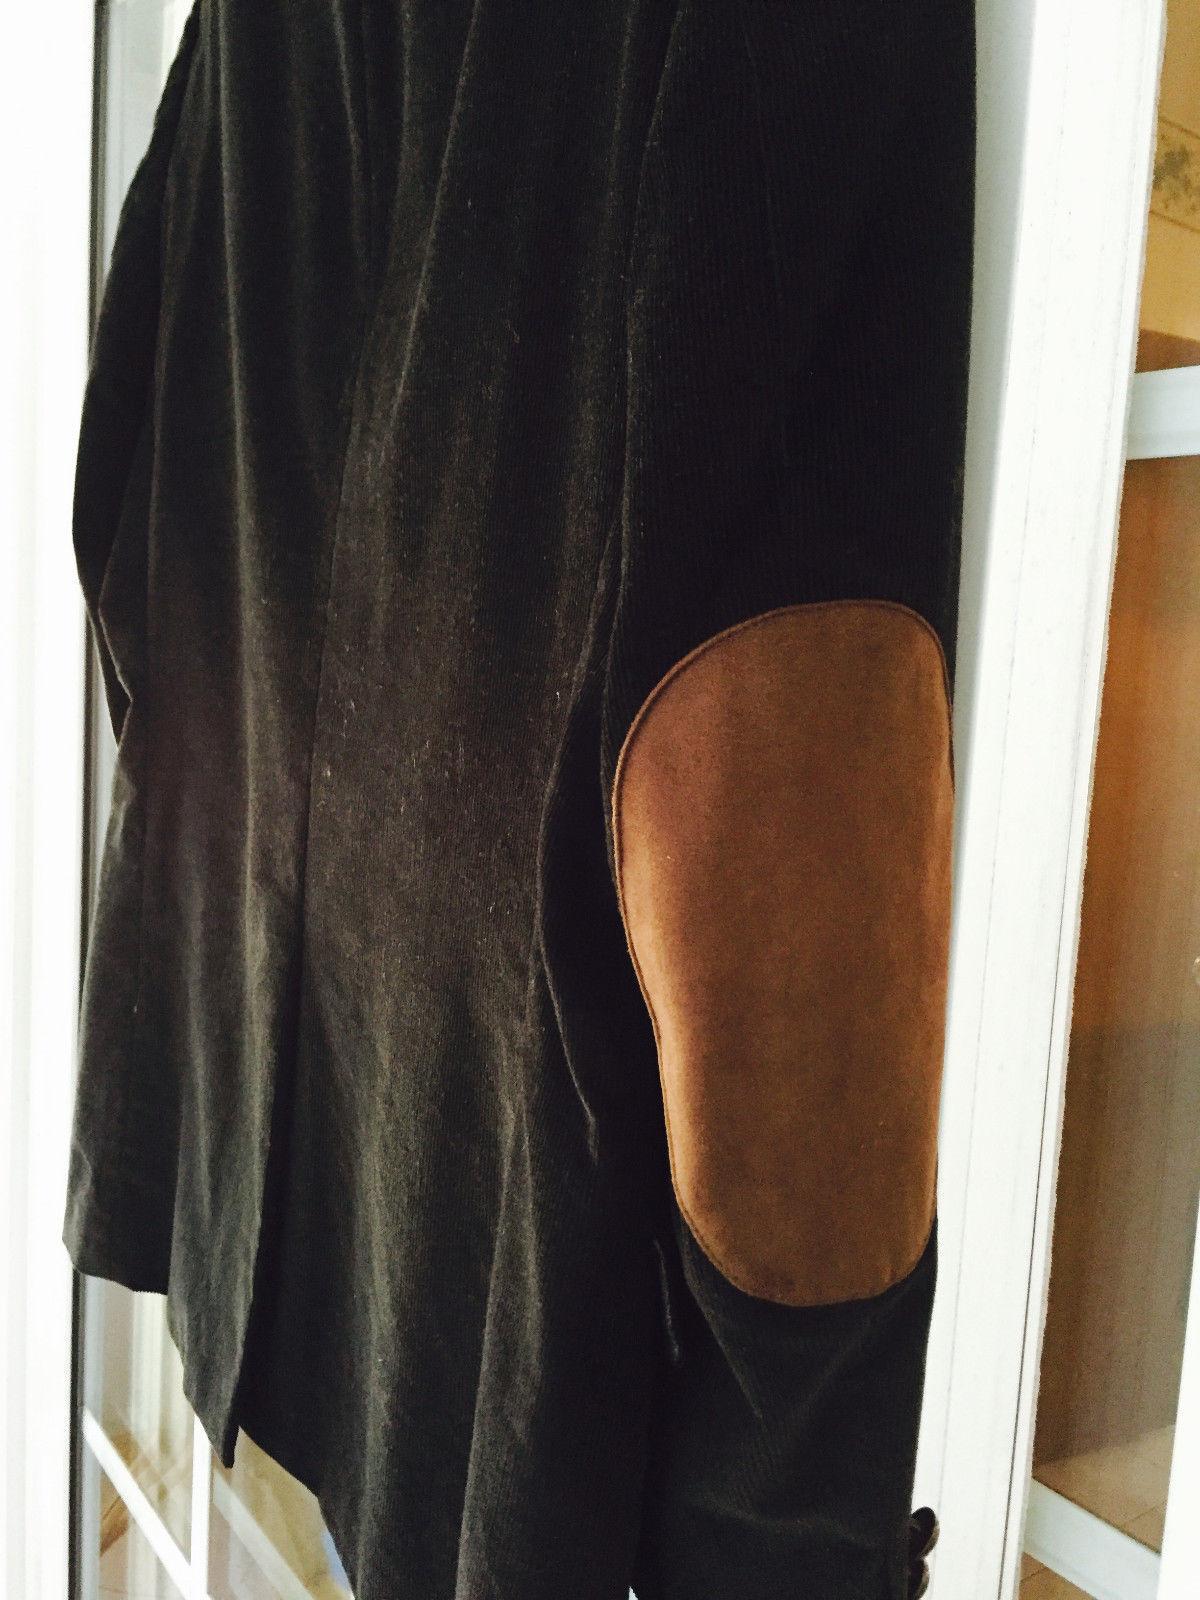 Ralph Lauren Black Corduroy Jacket With Suede Elbow Patches Regular 41 BlazerEUC